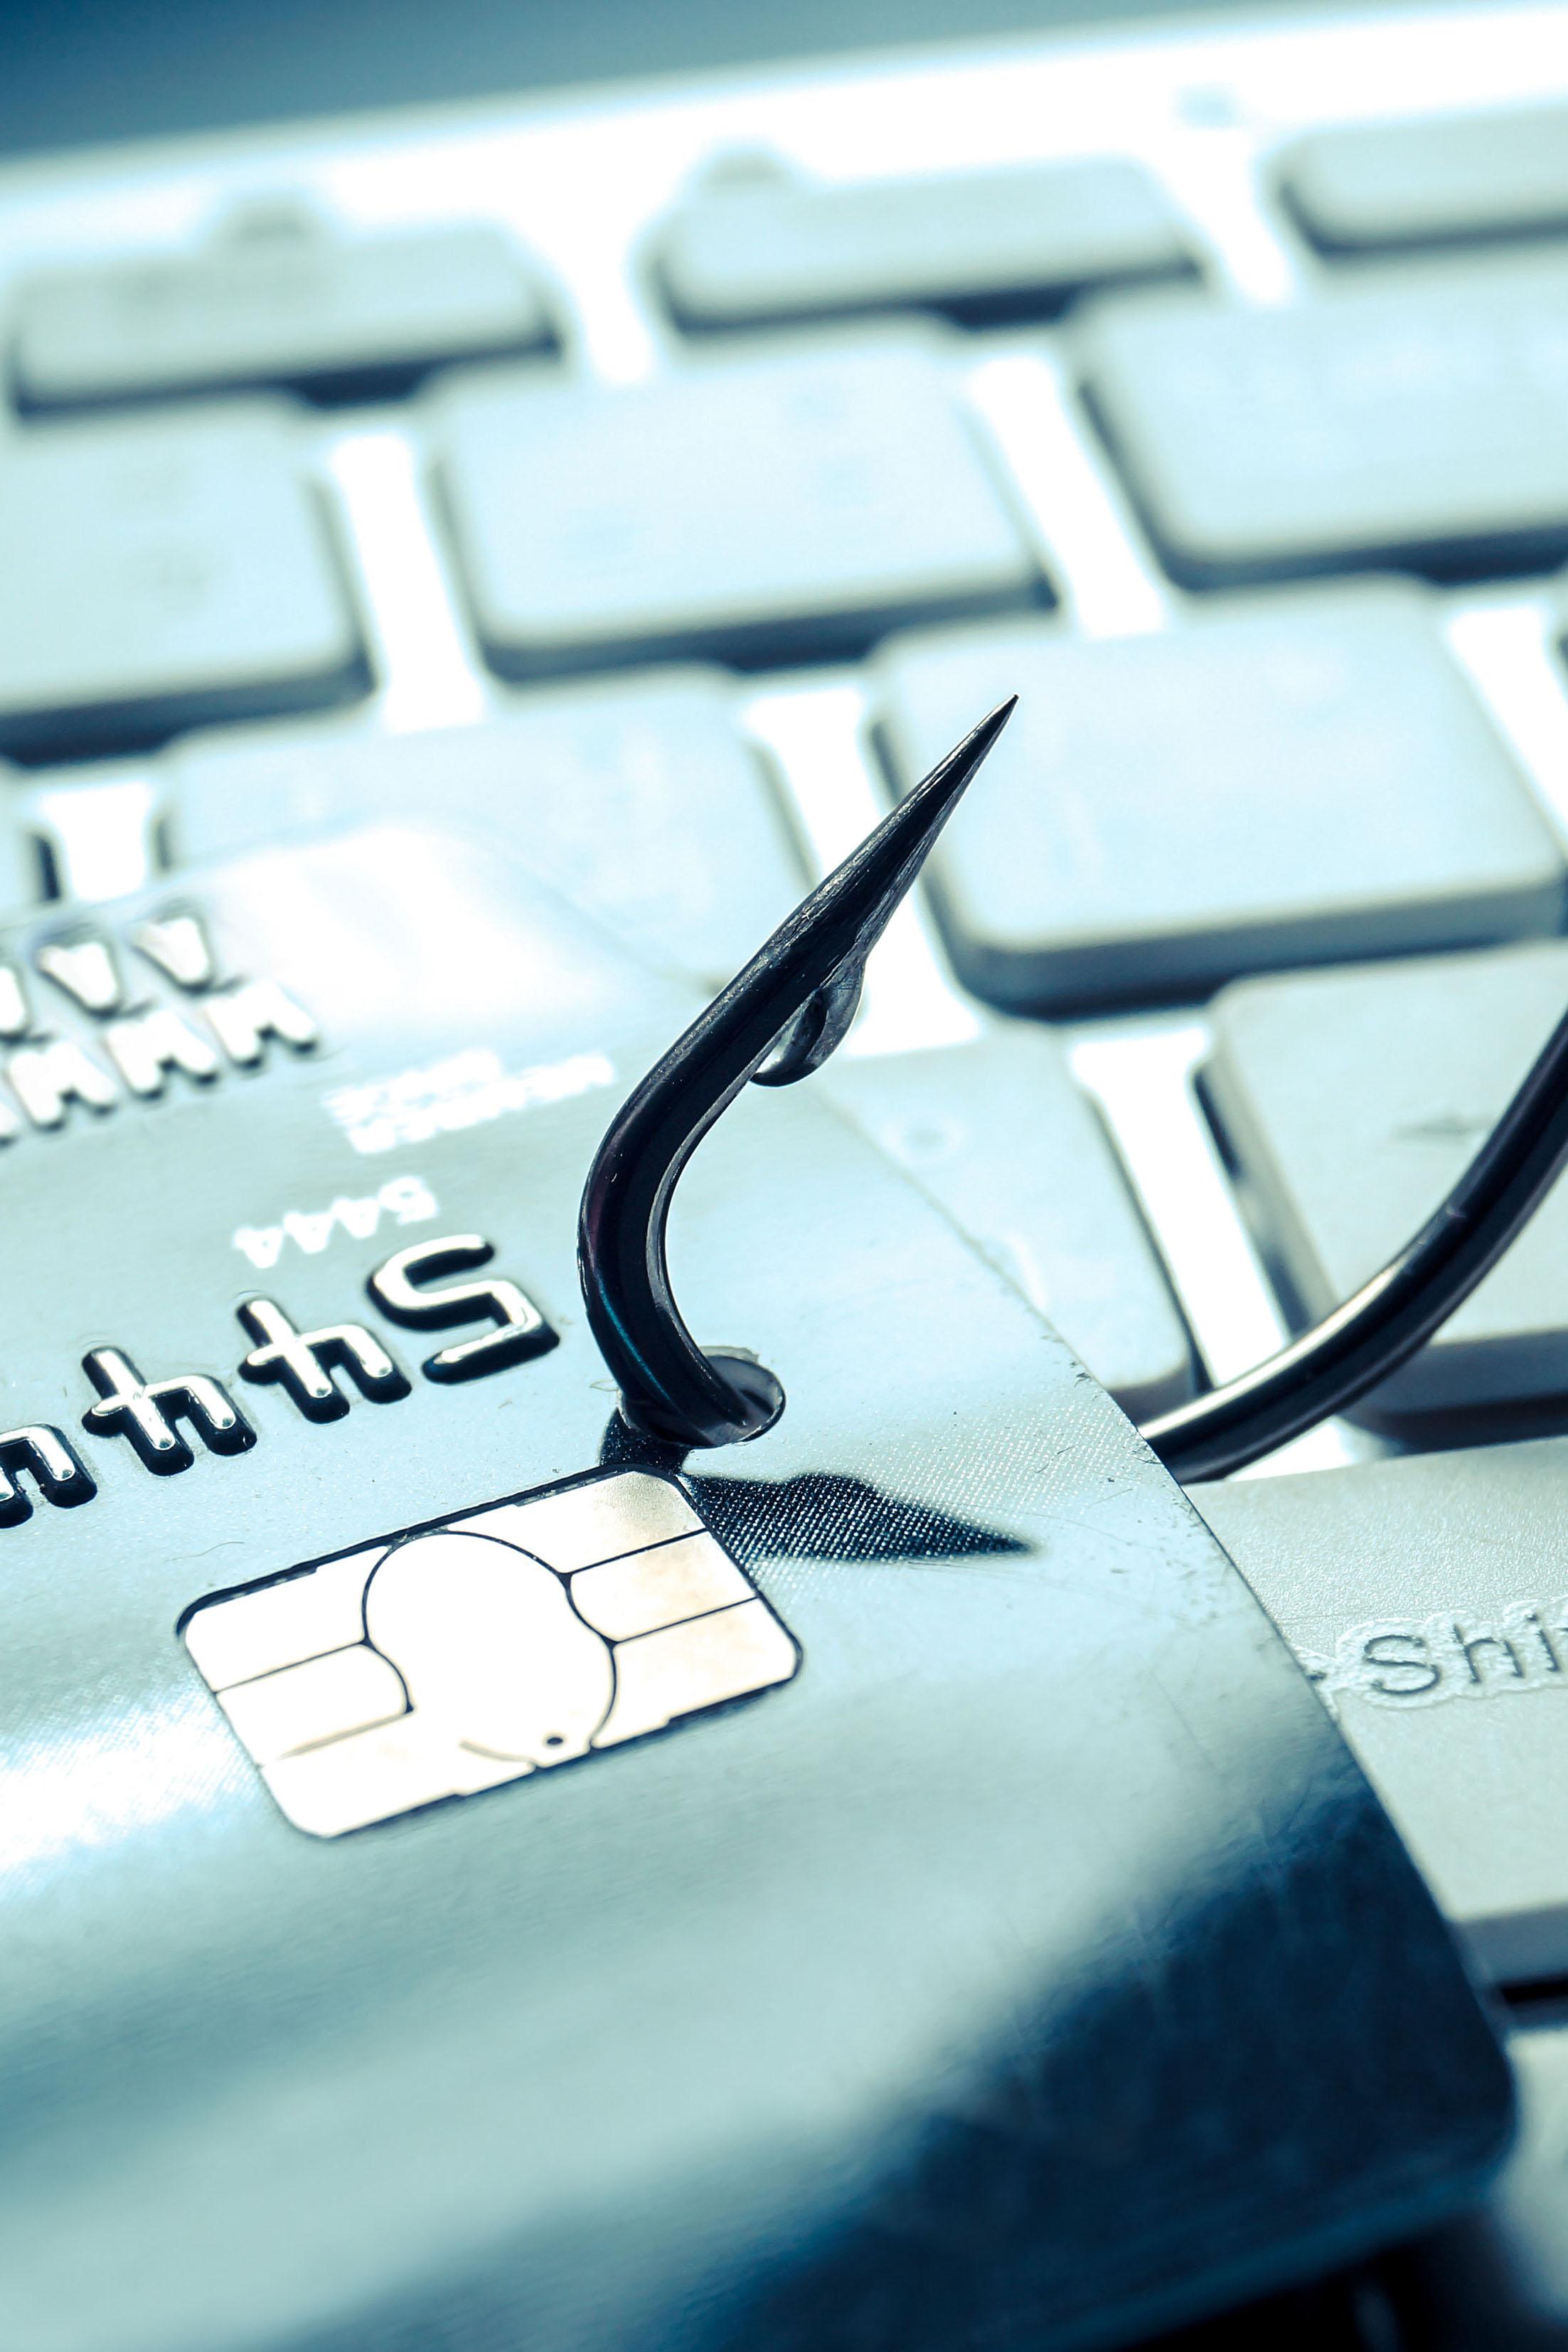 Gehackte Kreditkarten